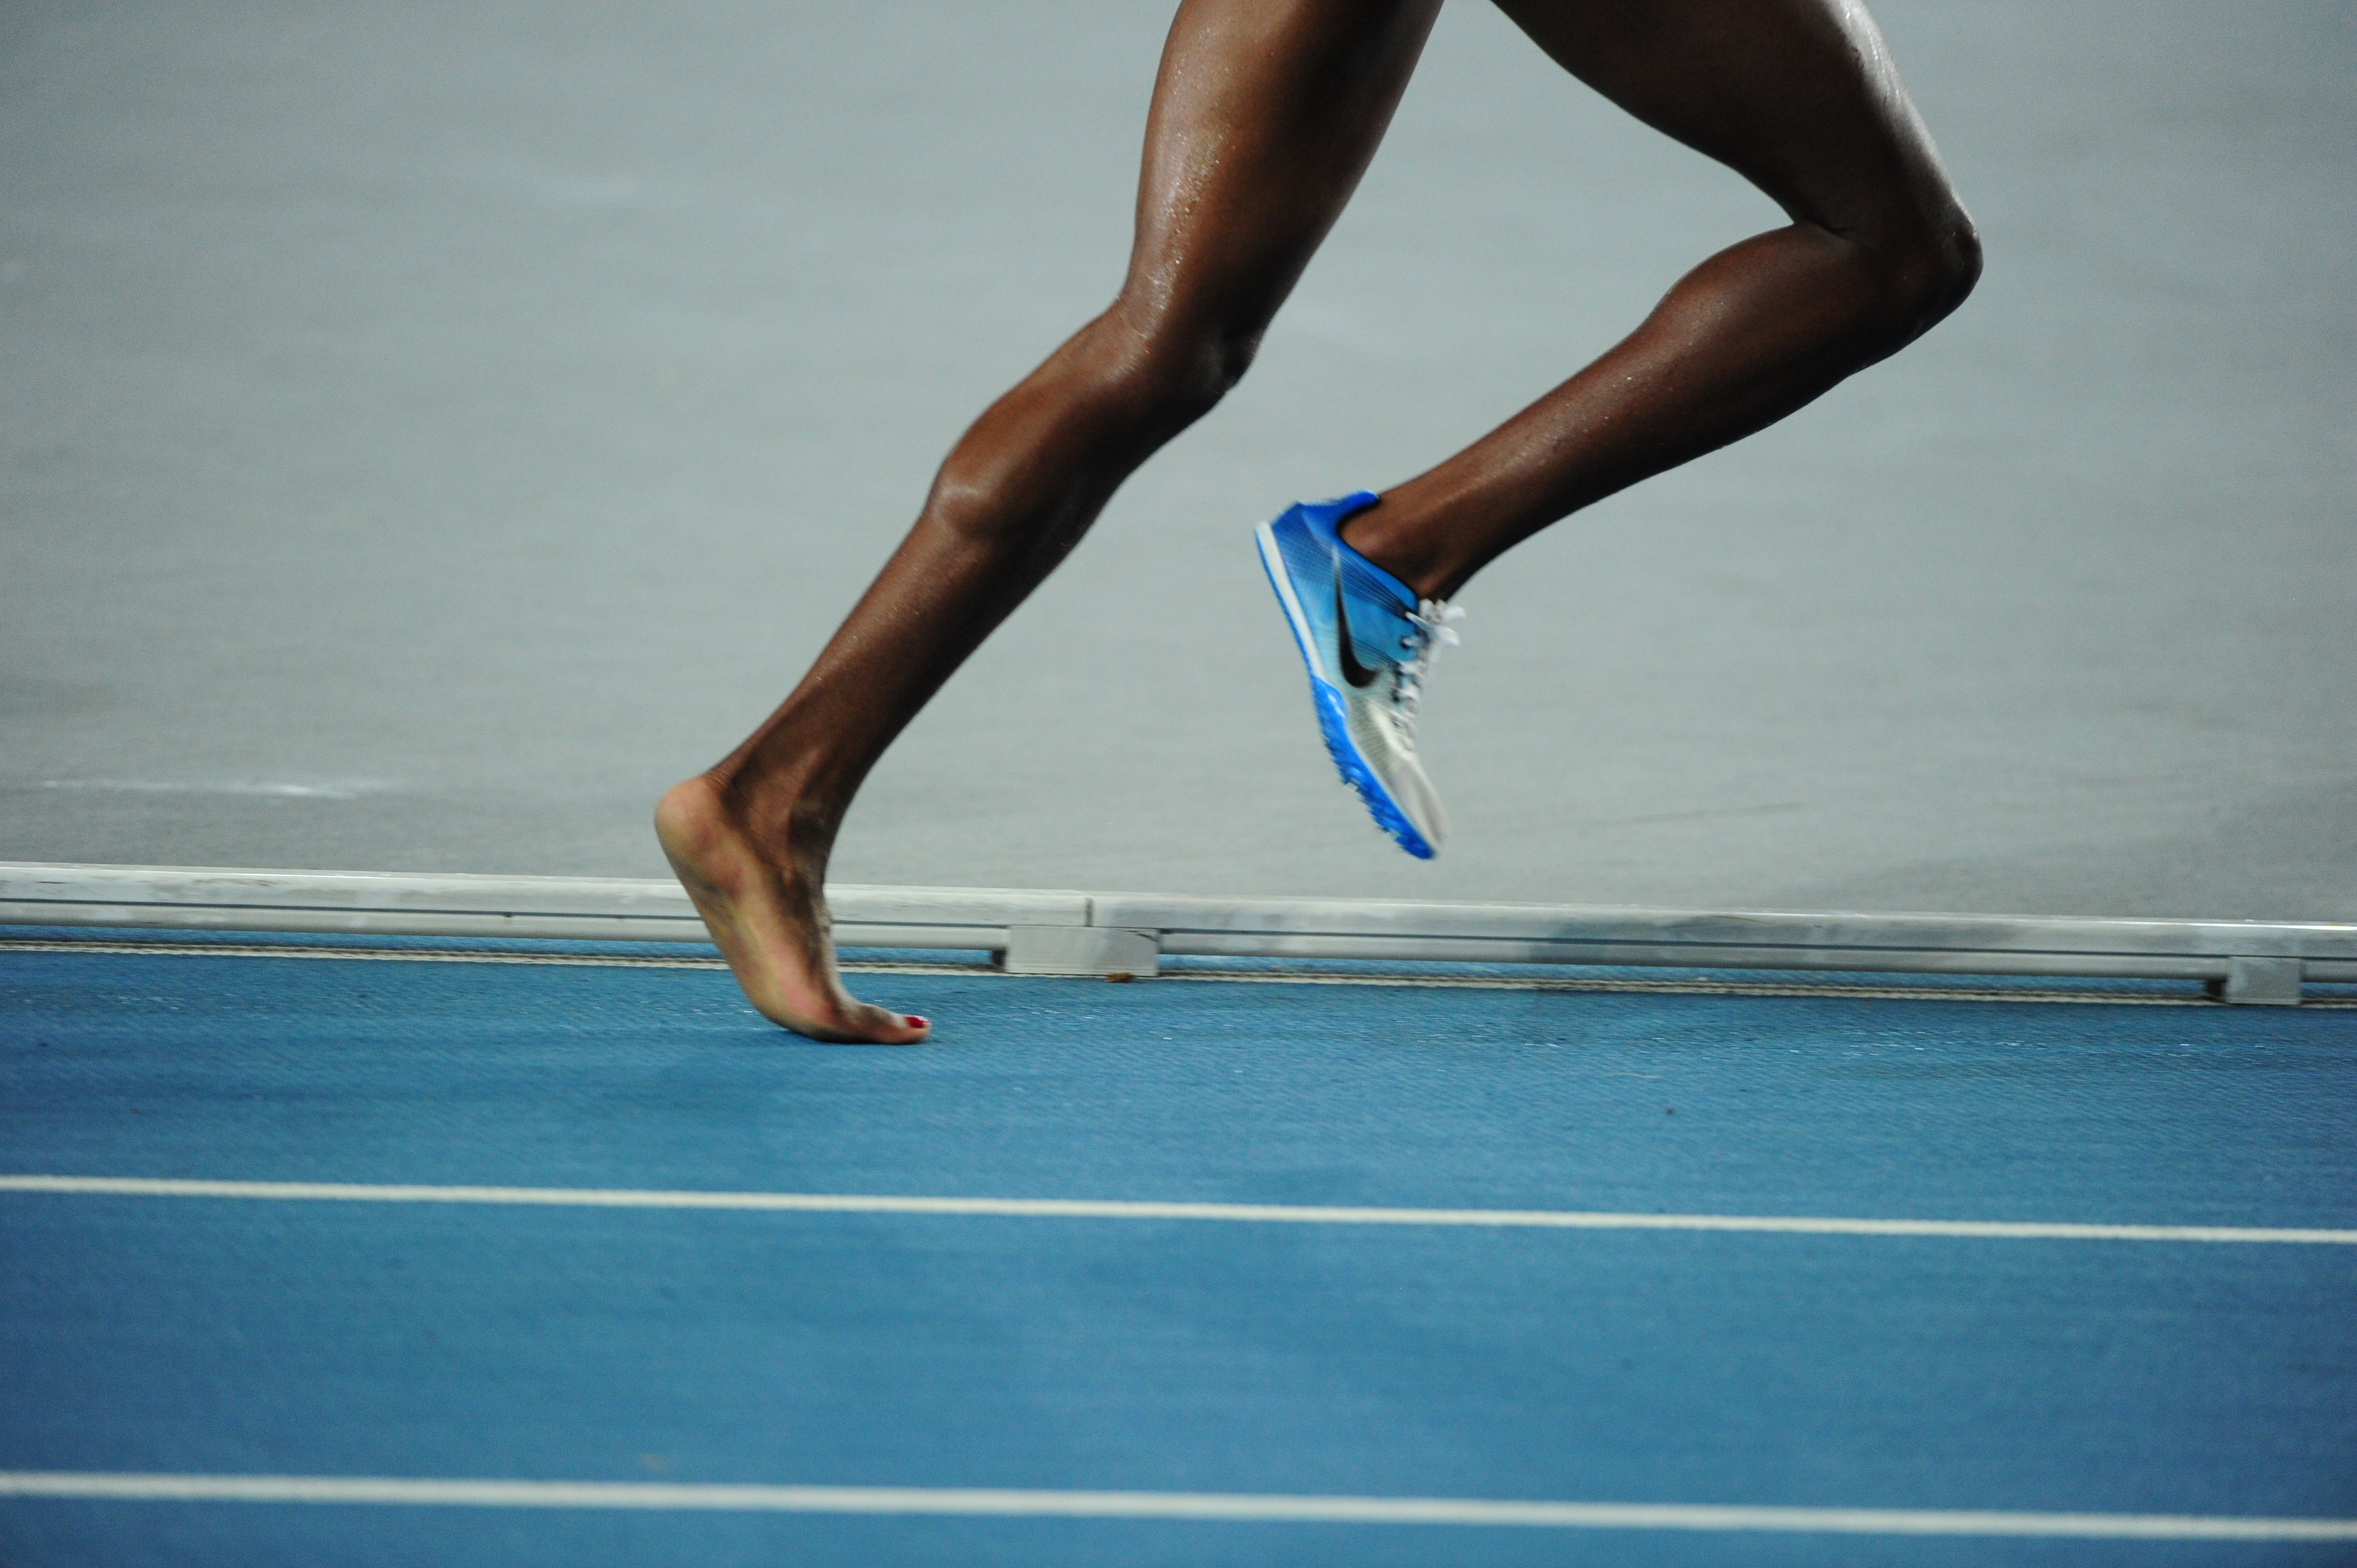 картинка убегающих ног